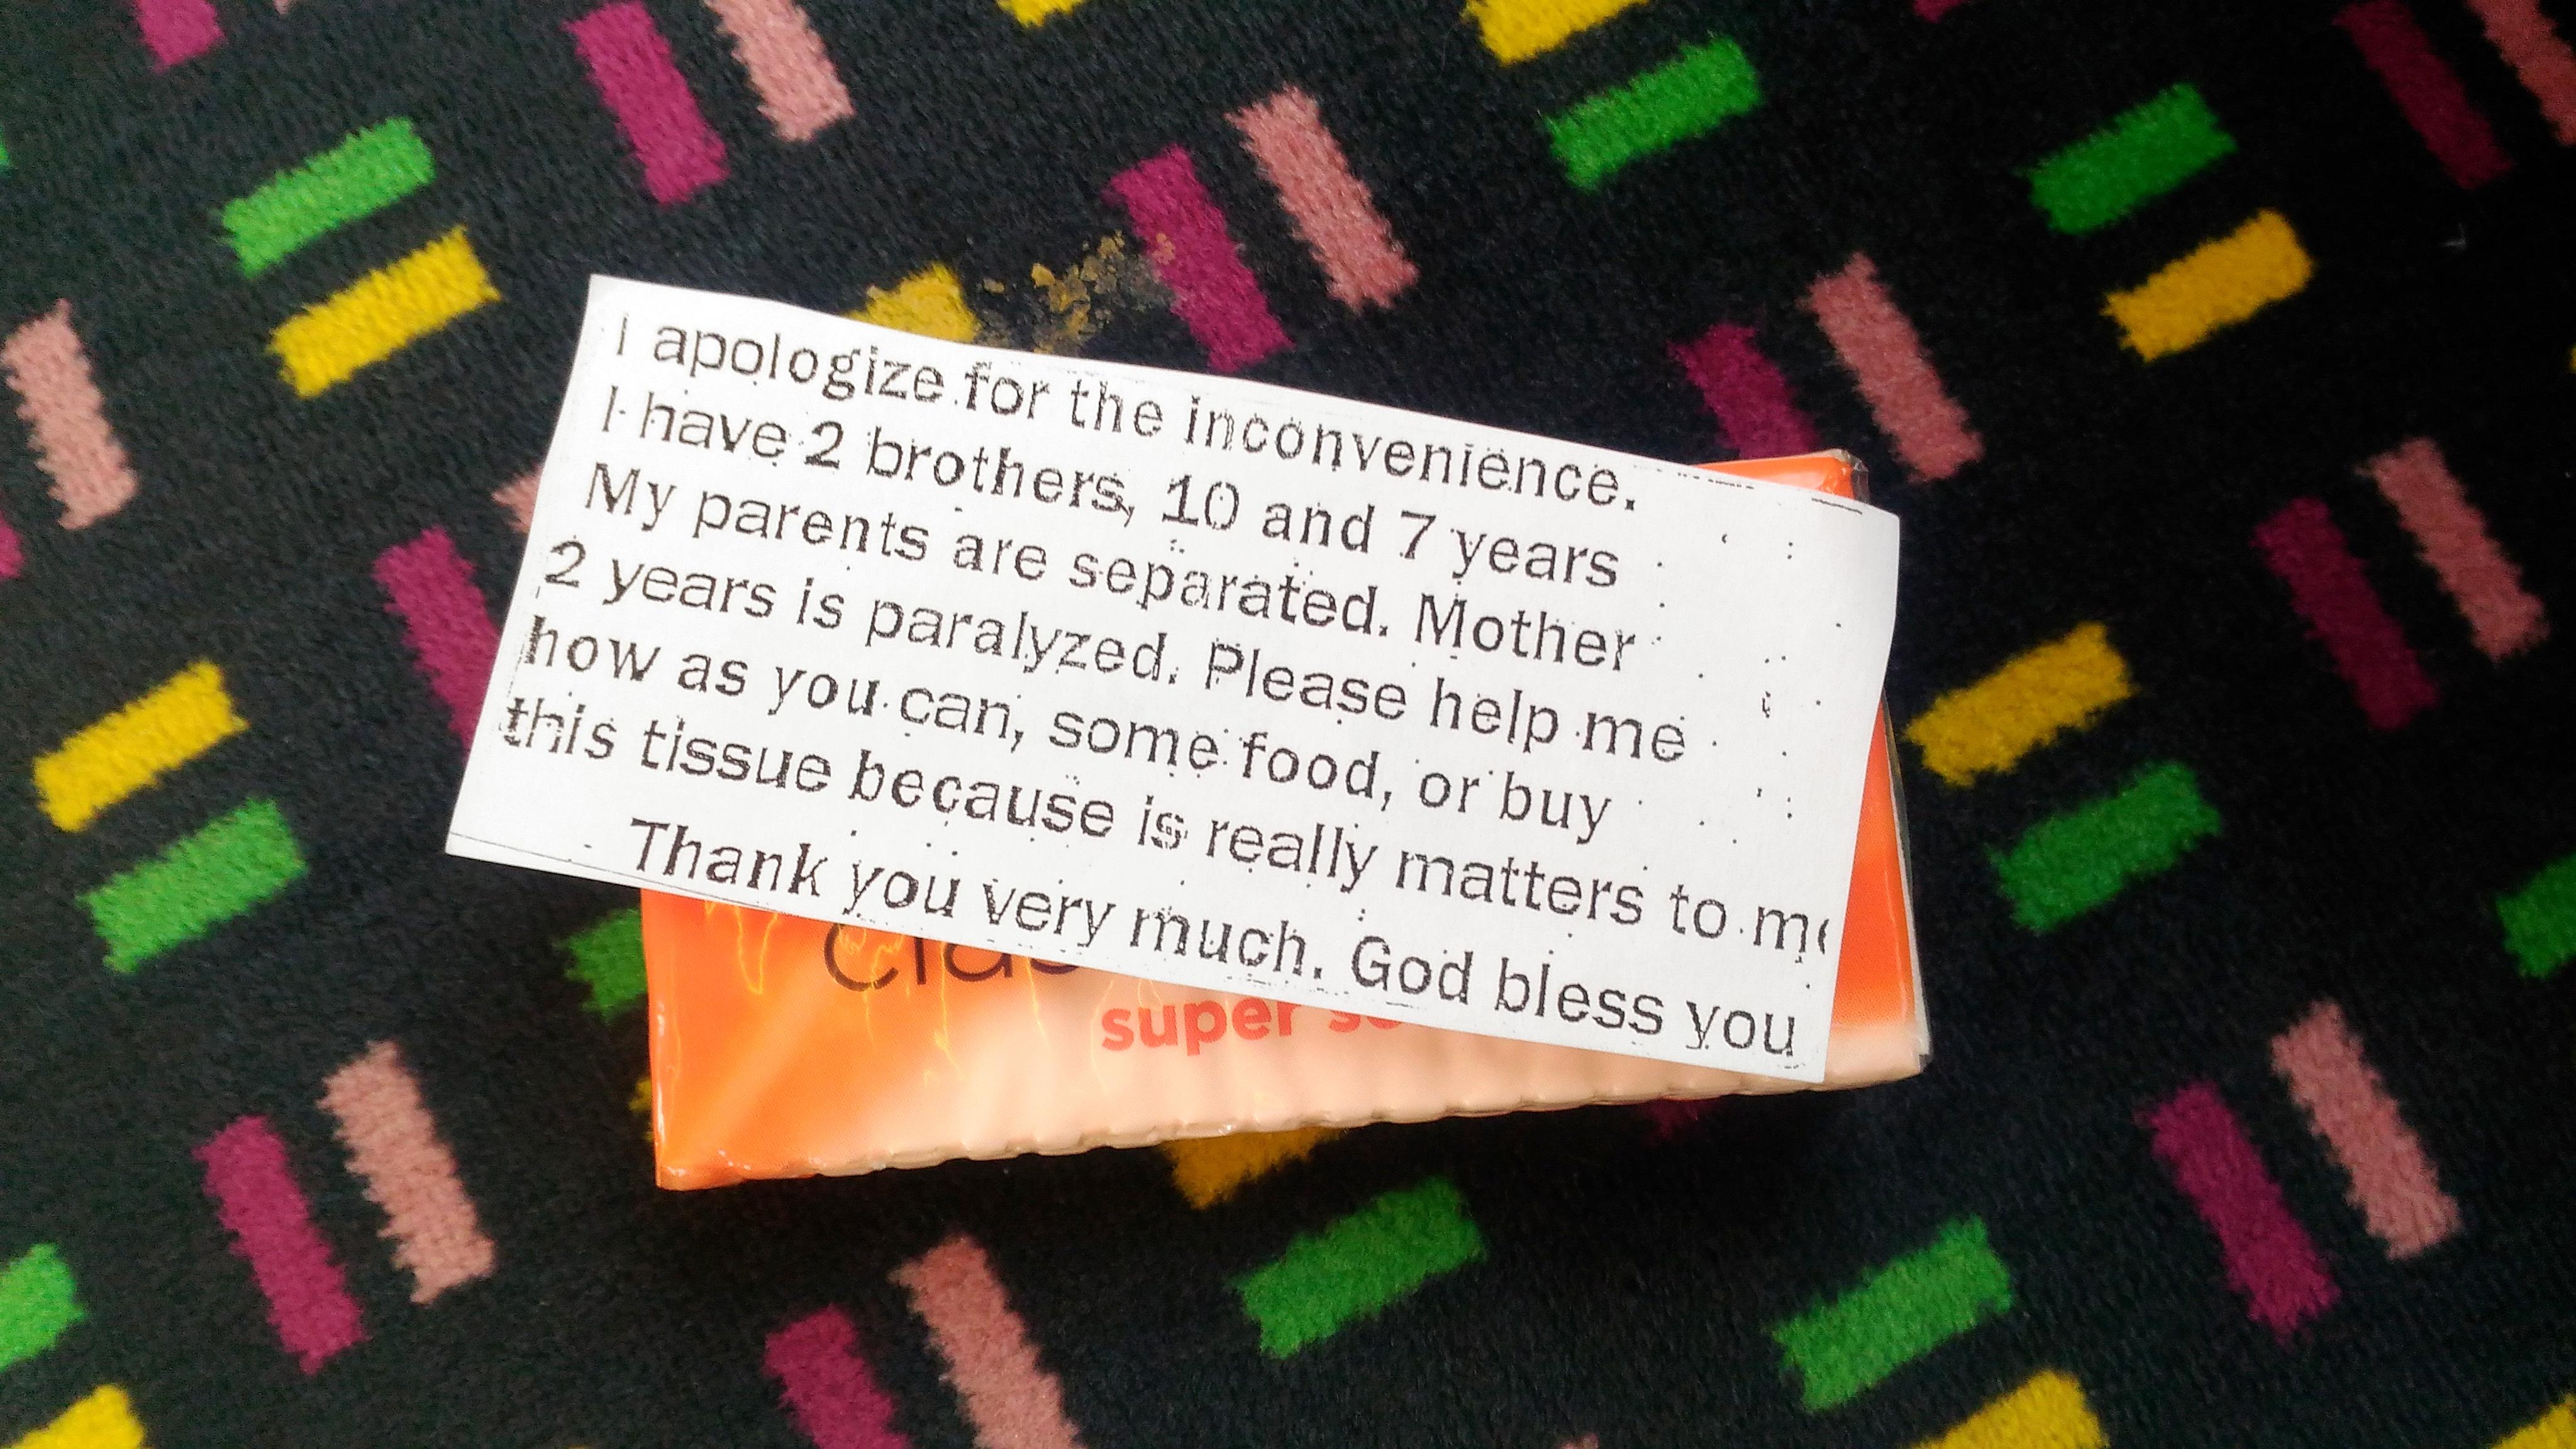 うわさに聞いていた、ロンドンの電車に出没するあの人たちに遭遇しました。